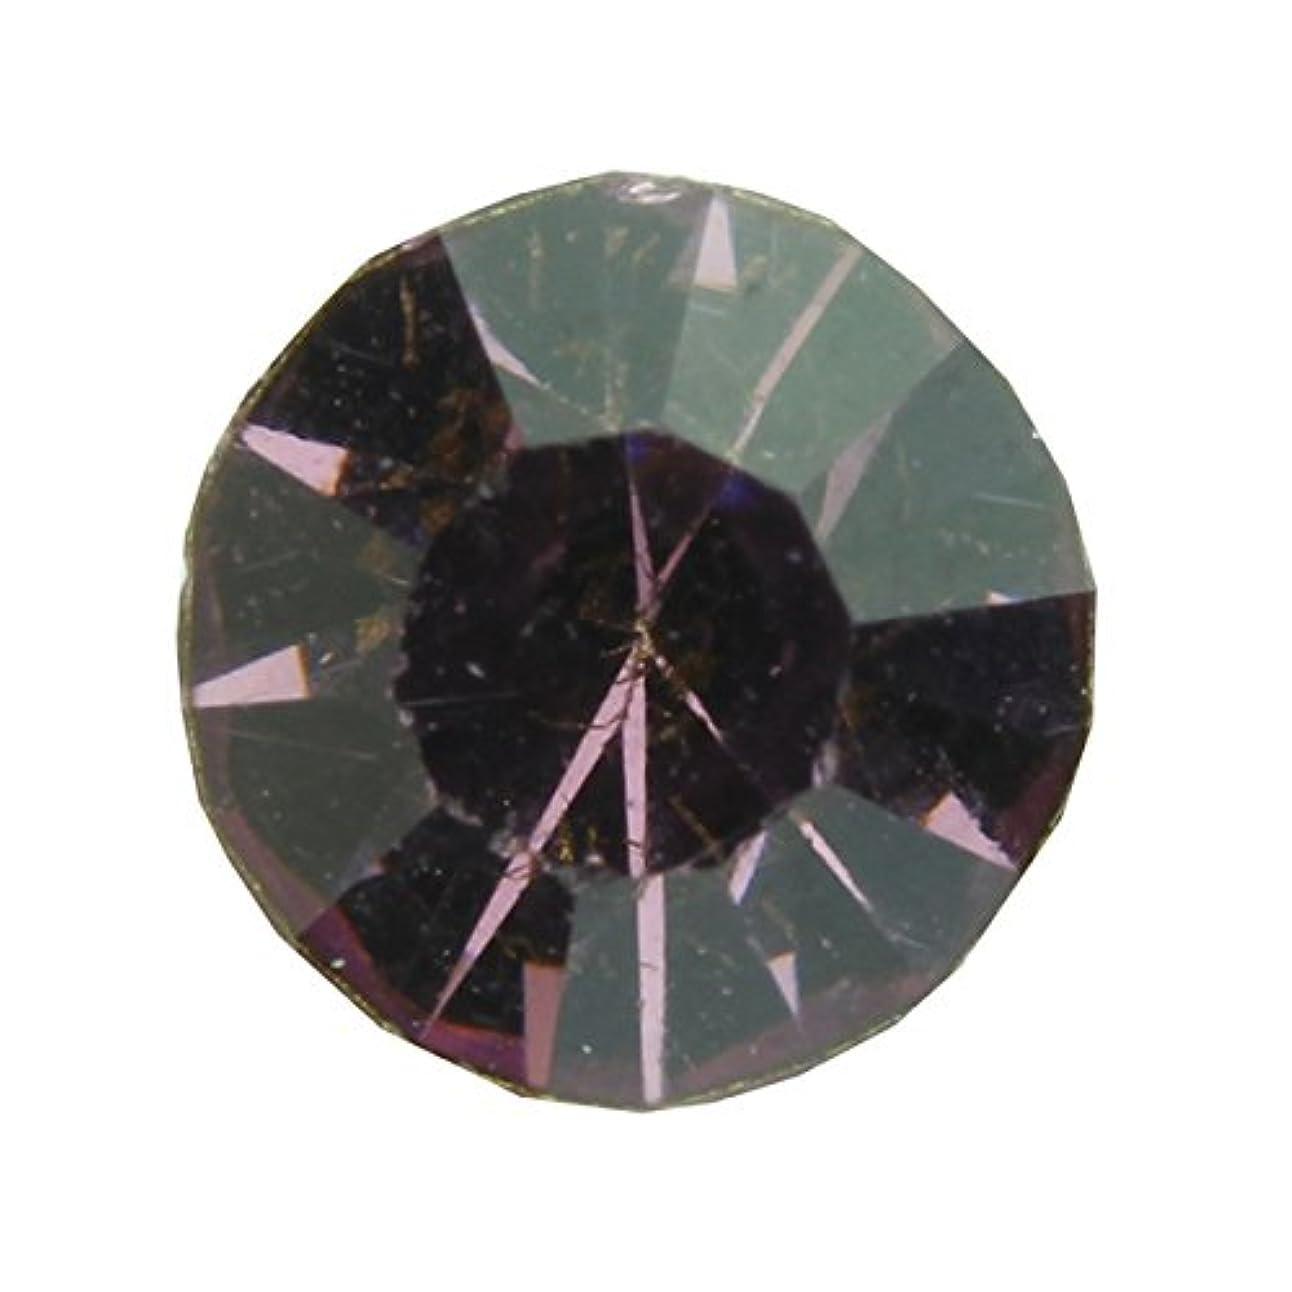 潮スケジュール注入するアクリルストーンVカット ss20(約4.8mm)(30個入り) アメジスト